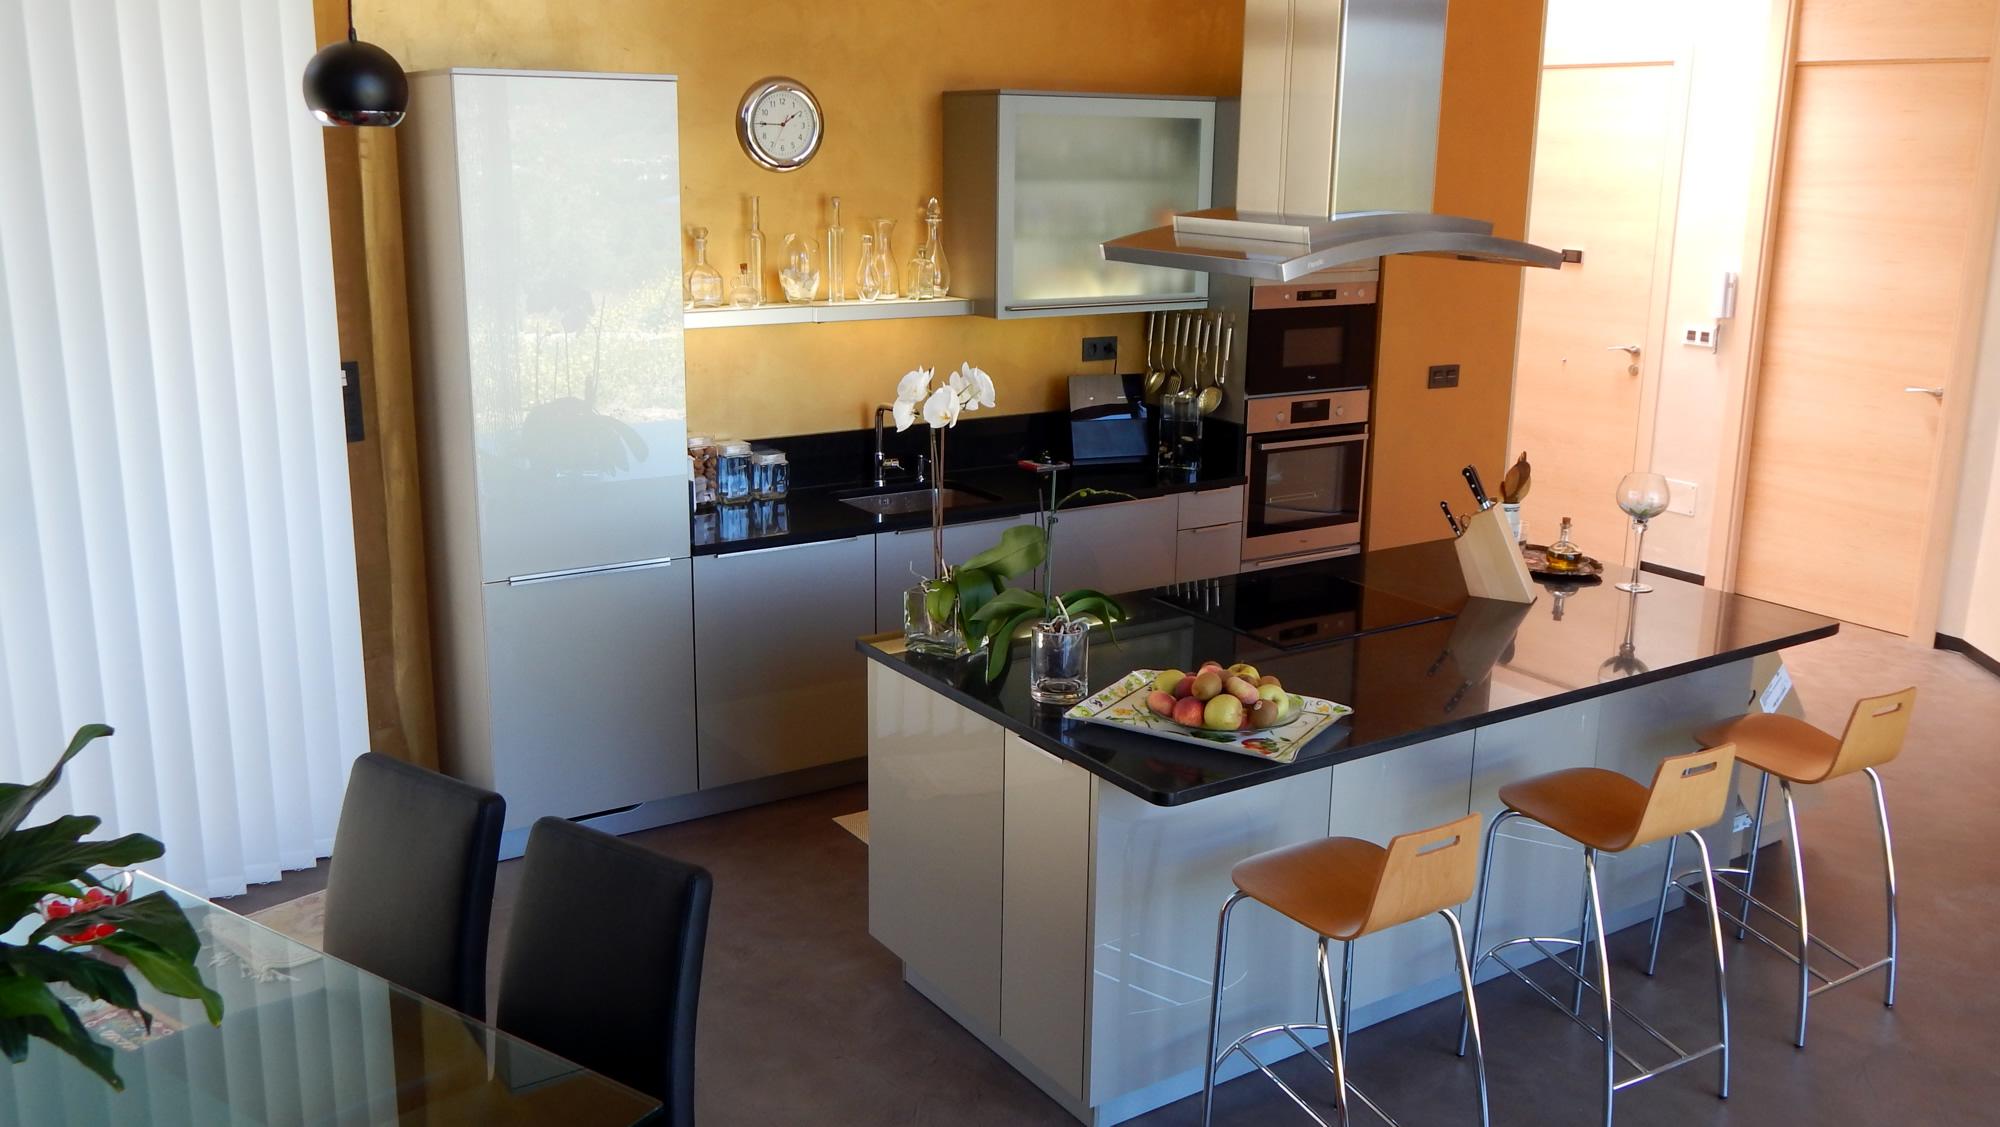 Muebles de cocina acr lico brillo intenso for Esmalte para muebles de cocina